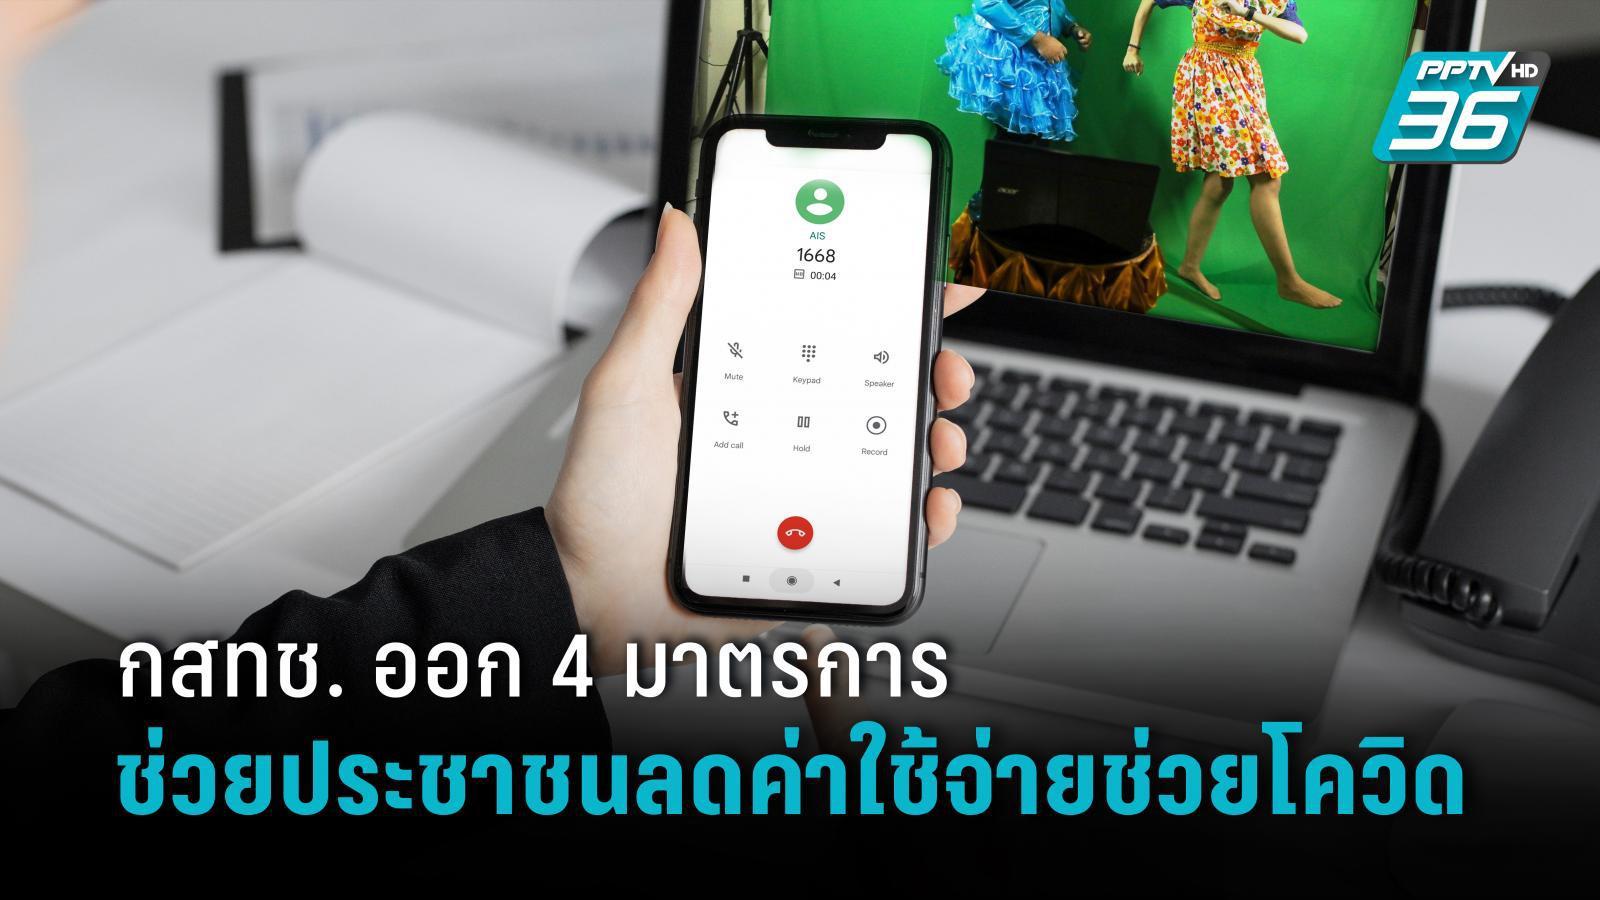 กสทช. ออก 4 มาตรการช่วยประชาชน จ่ายค่าเน็ต - โทรฟรี - SMS ฟรี - จัดอุปกรณ์เสริมให้ผู้ป่วย ช่วงโควิด 19